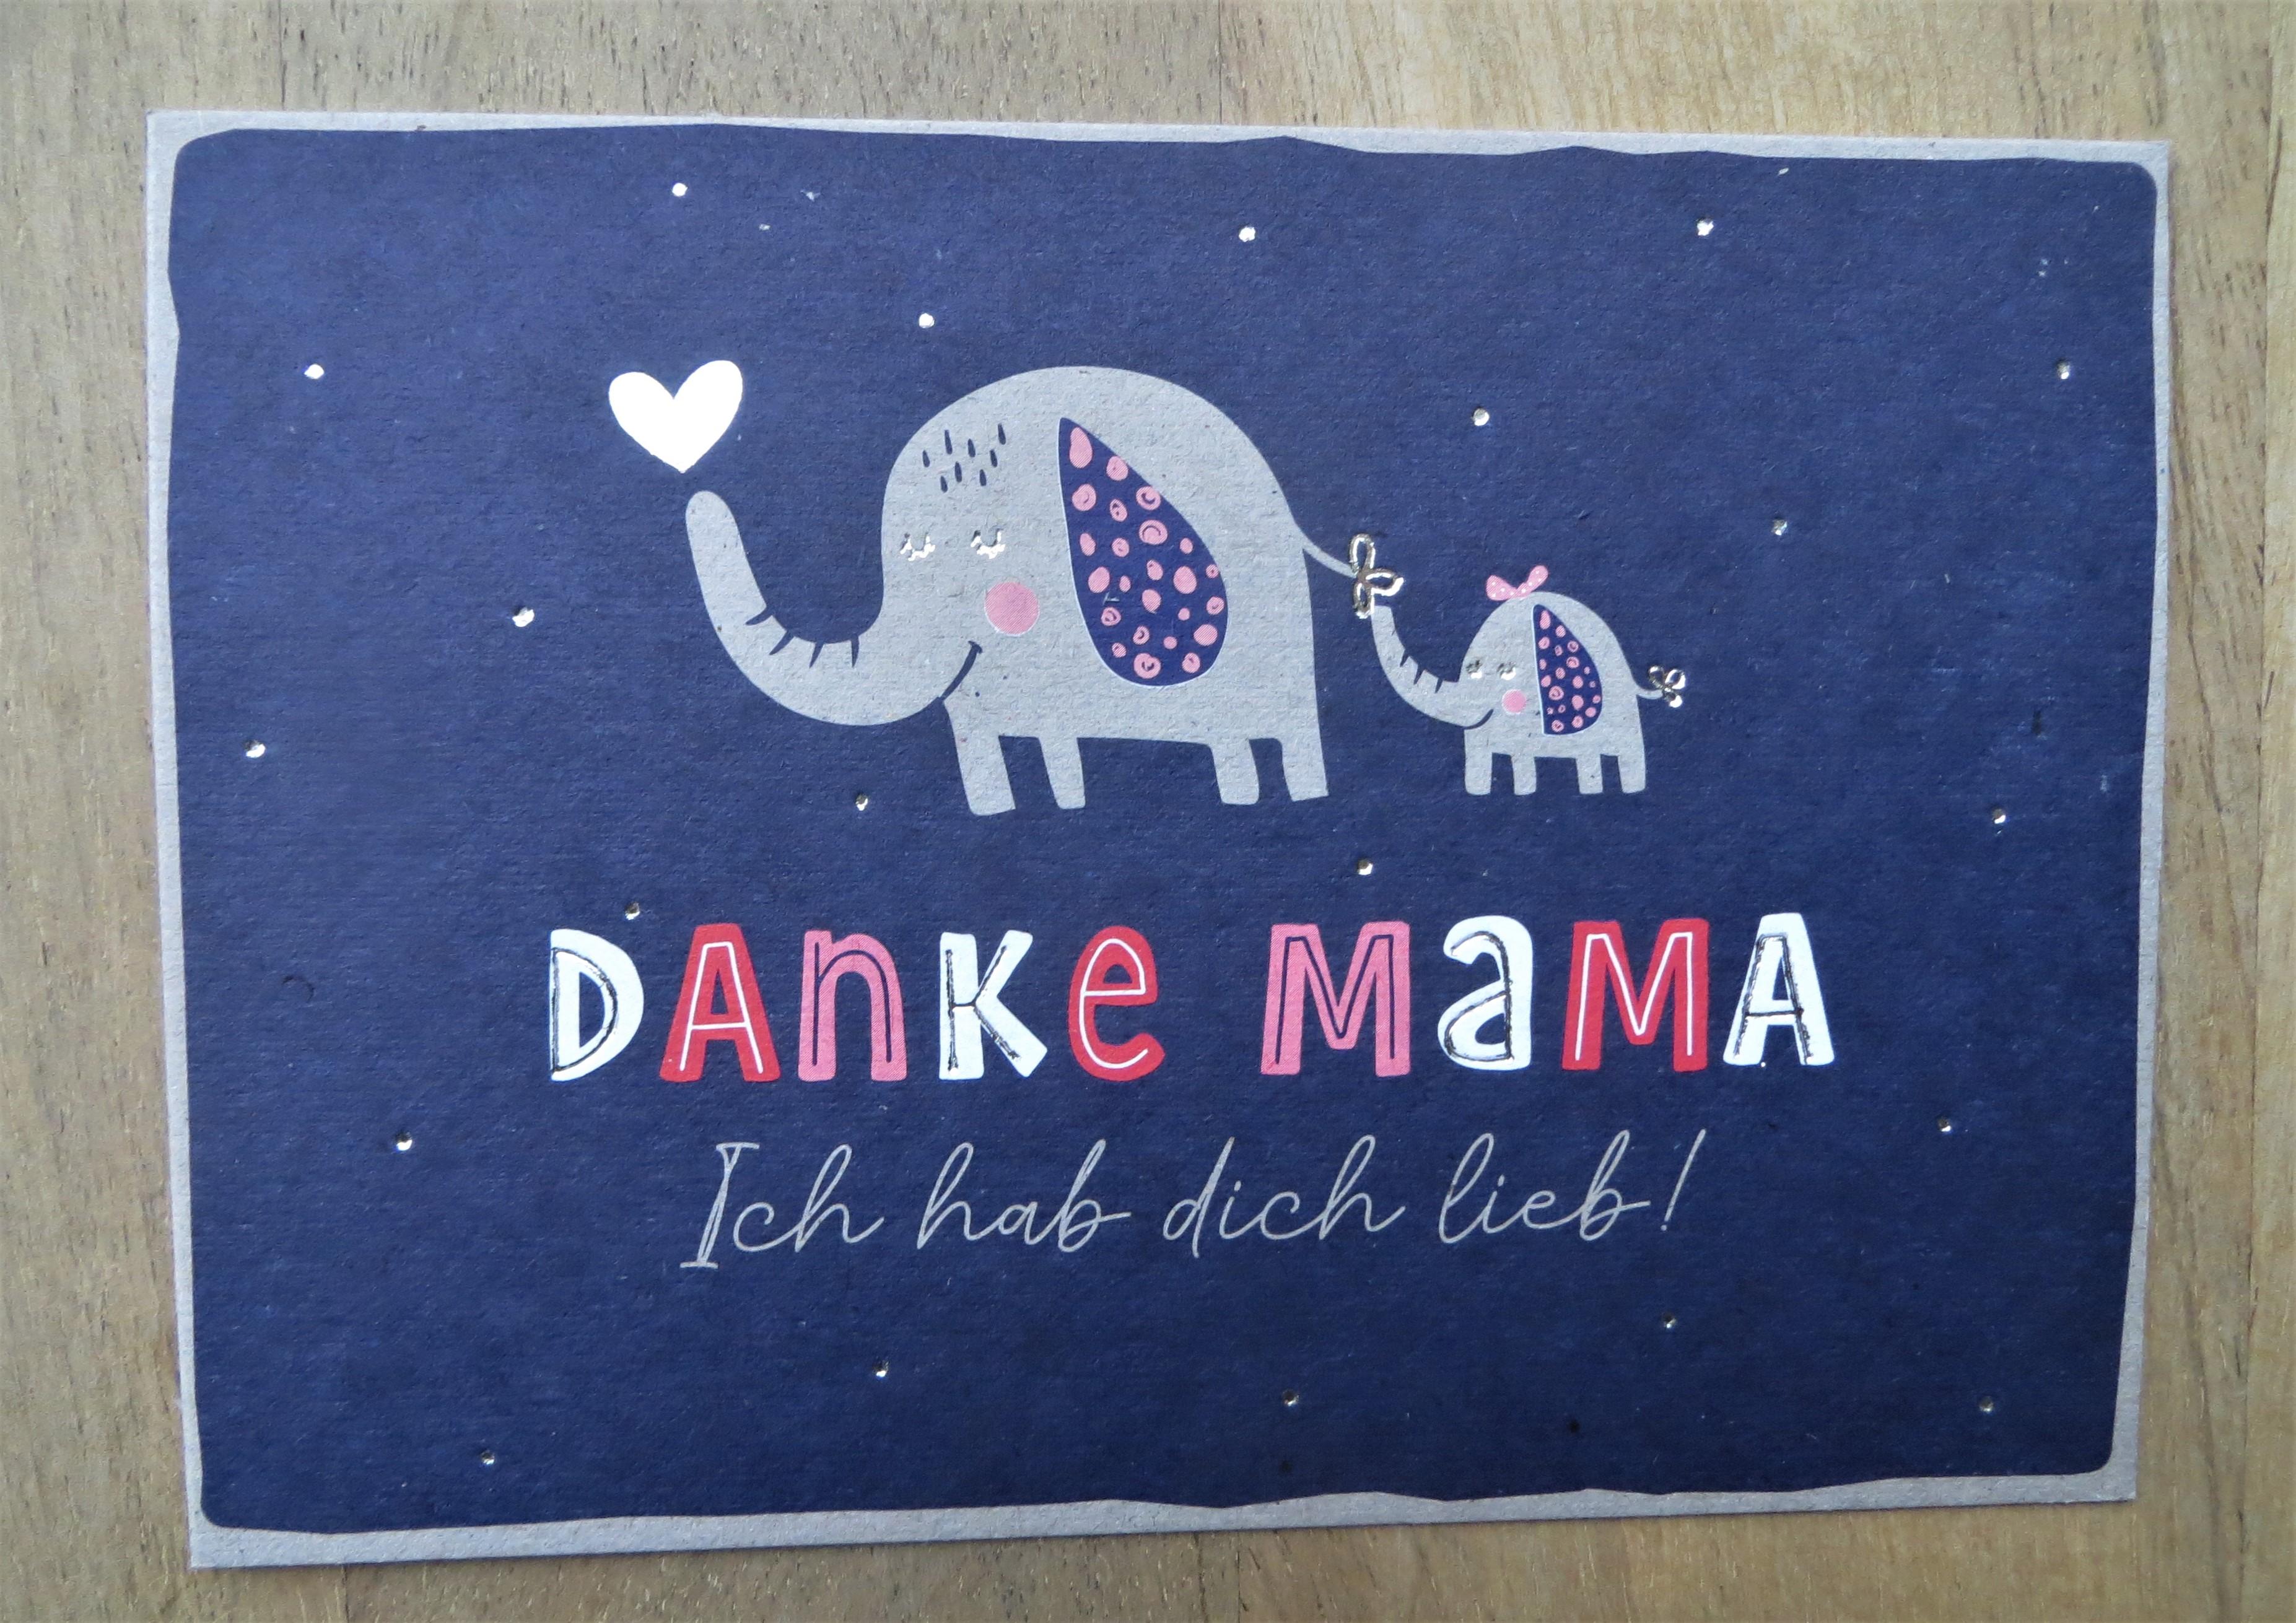 Nützlichgrusskarten - Postkarte Danke Mama Ich hab dich lieb KUNST und BILD - Onlineshop Tante Emmer